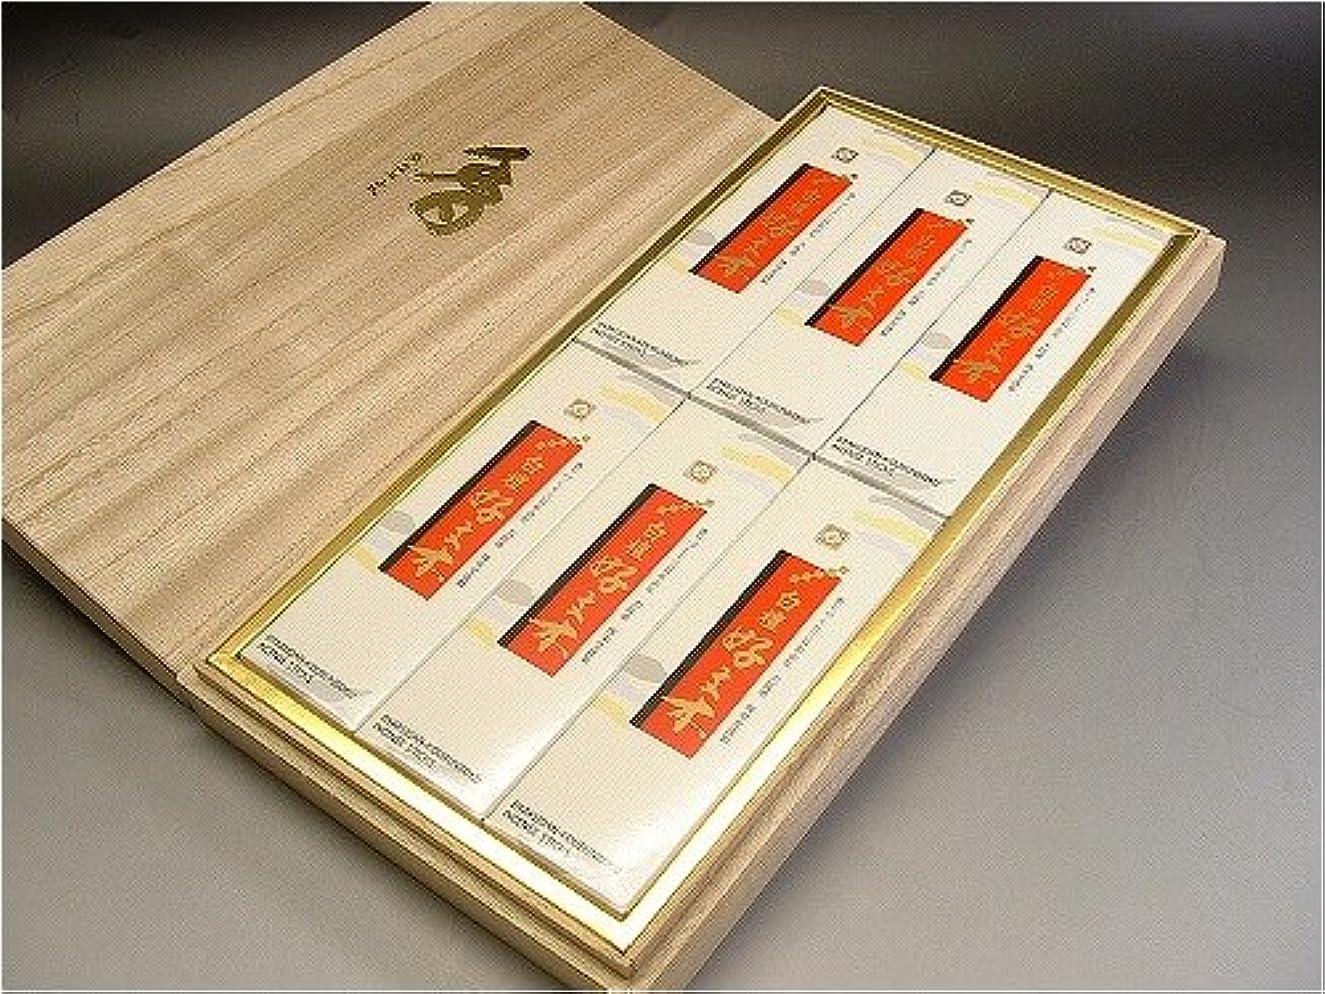 ほとんどないひらめき準備梅栄堂 白檀好文木 ギフト 桐箱6箱入り